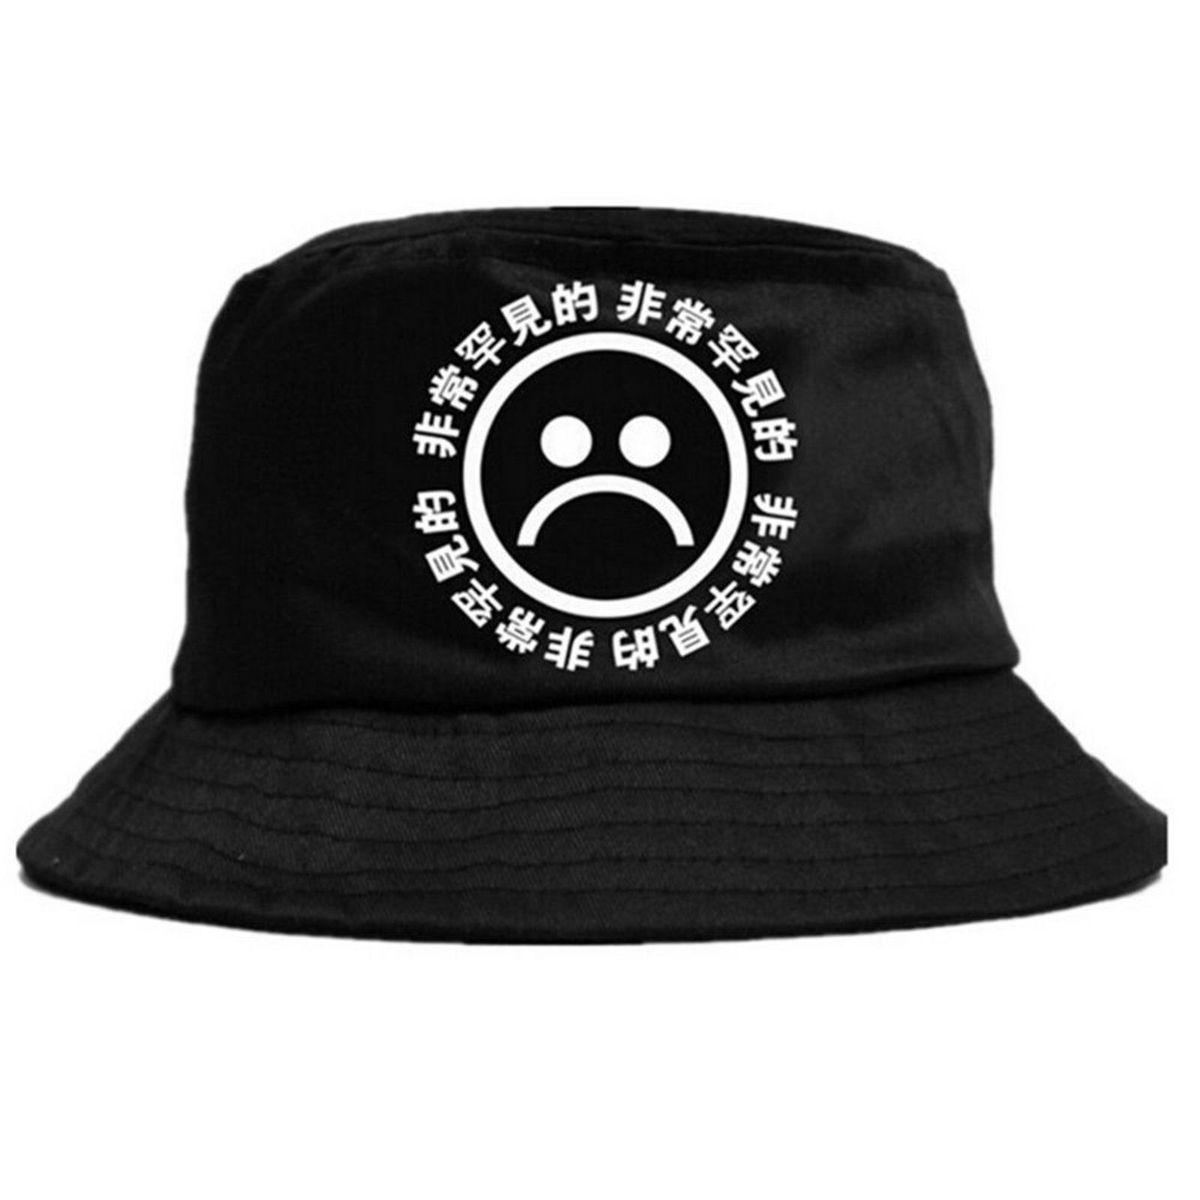 Bucket Hat Sad Boy  4cb2c50864a